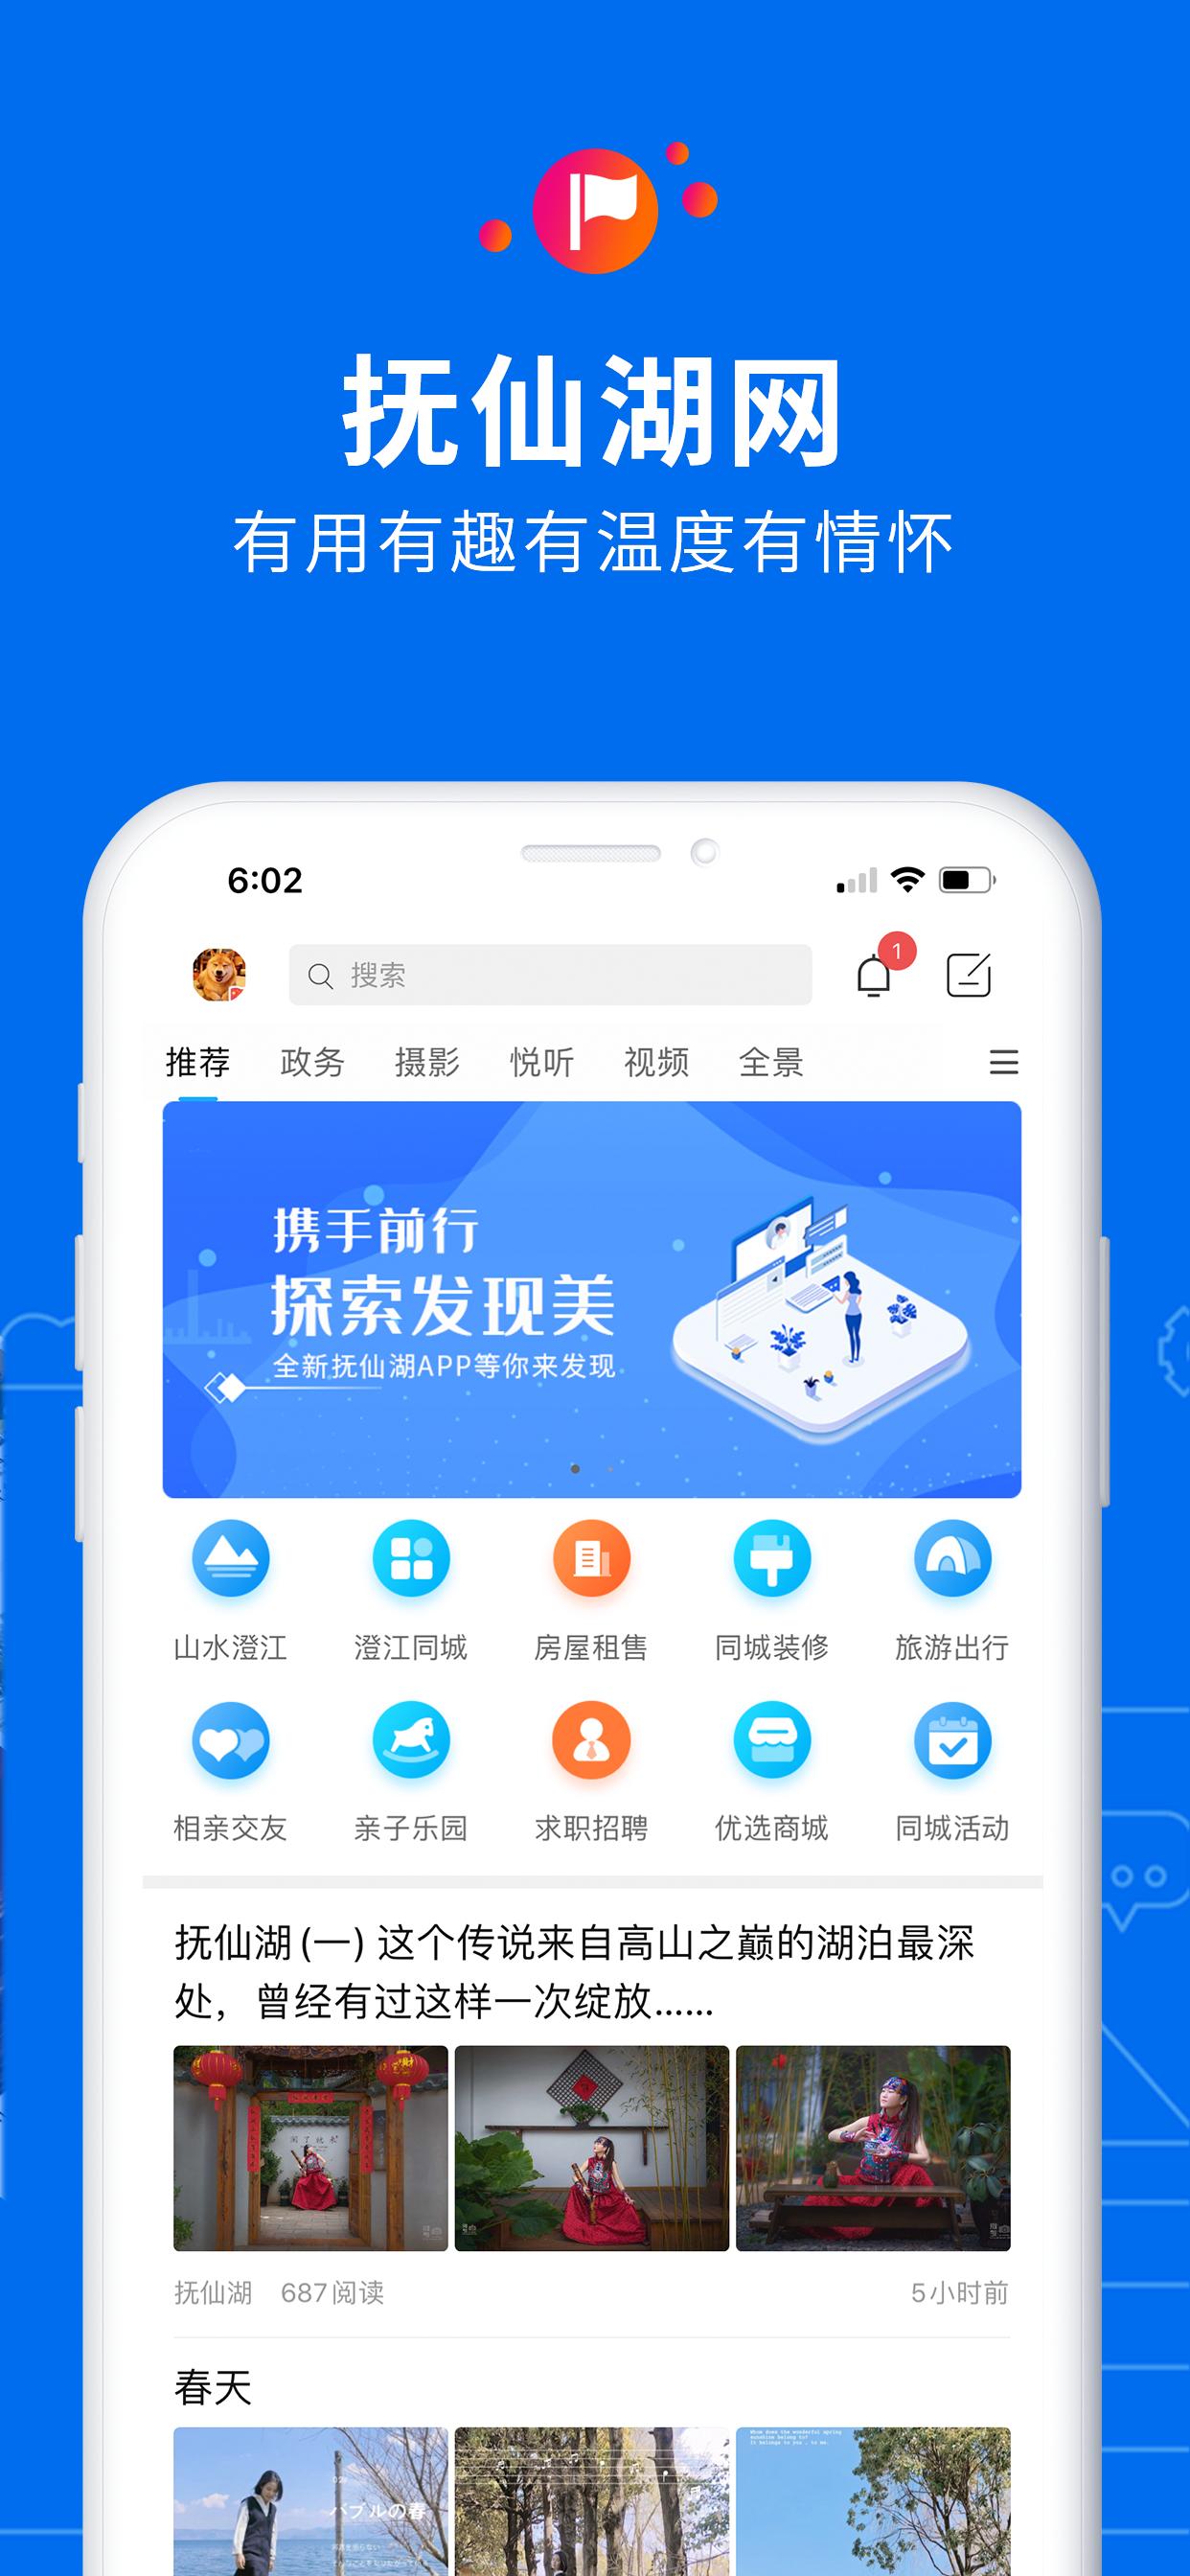 抚仙湖APP-展示页_03.png